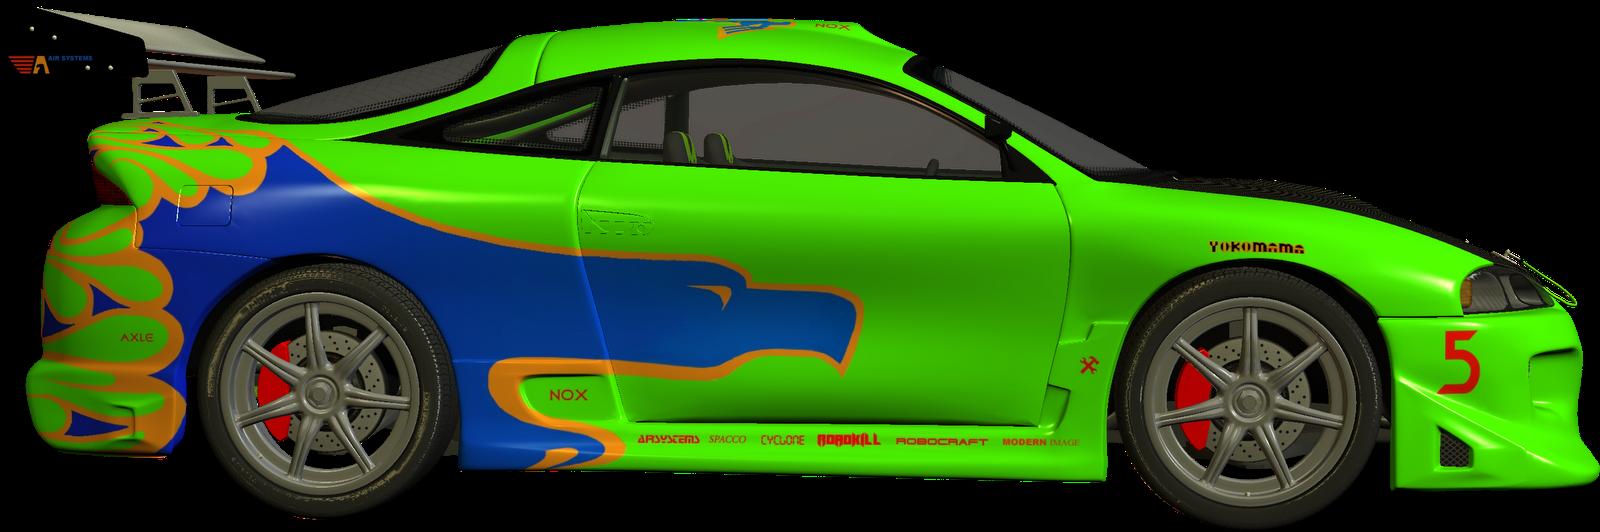 1600x532 Race Car Clip Art 19 150x150 Clipart Panda